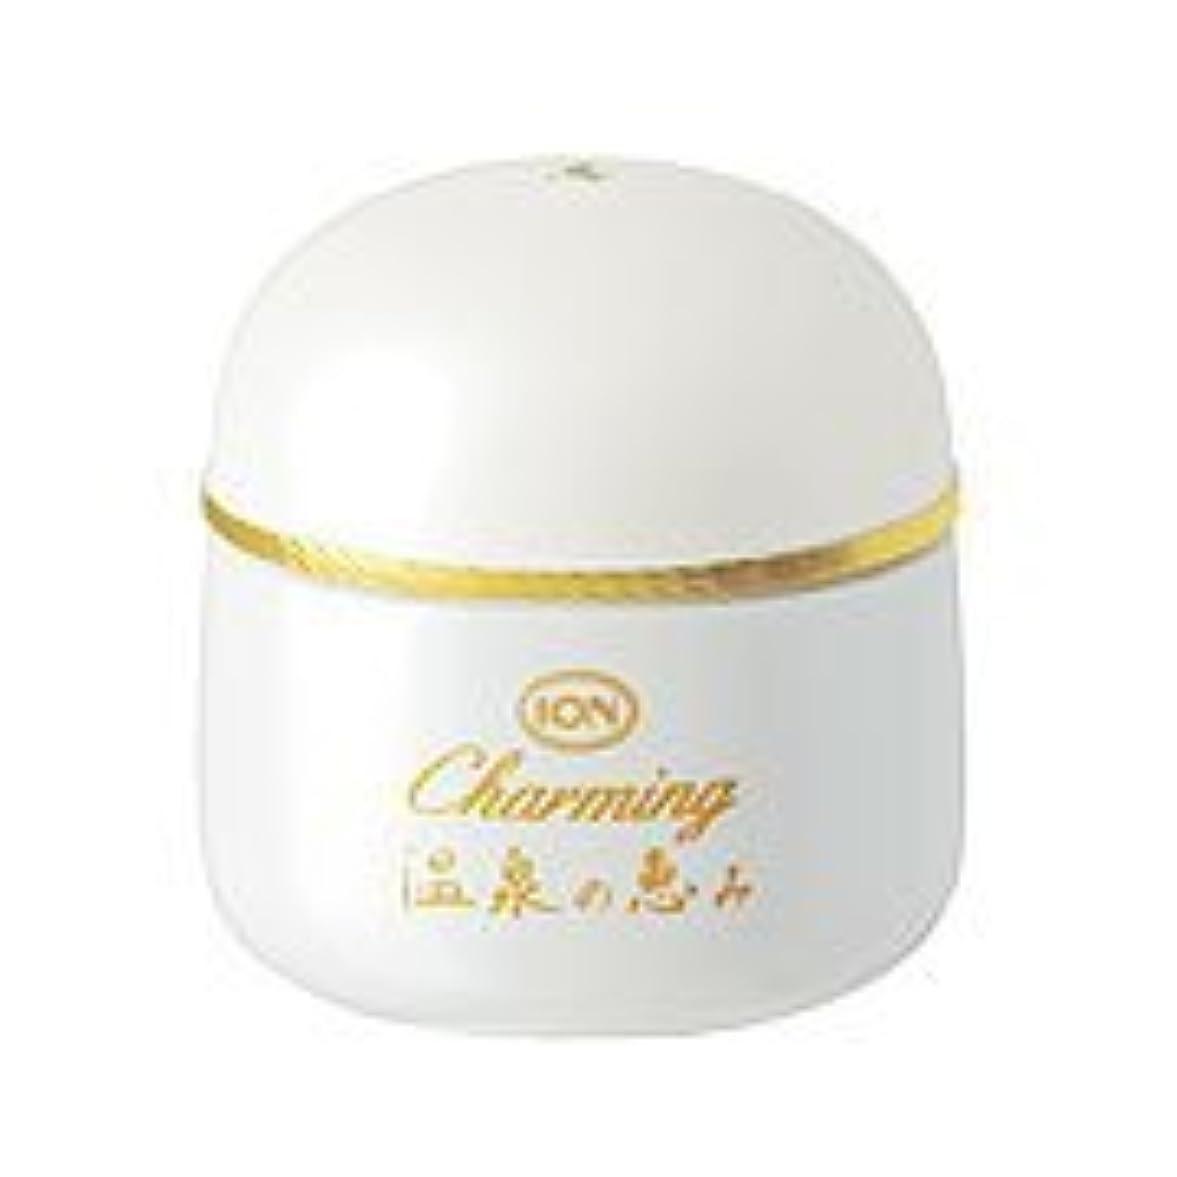 保証に慣れ鎮痛剤イオン化粧品 チャーミングステージ 40g